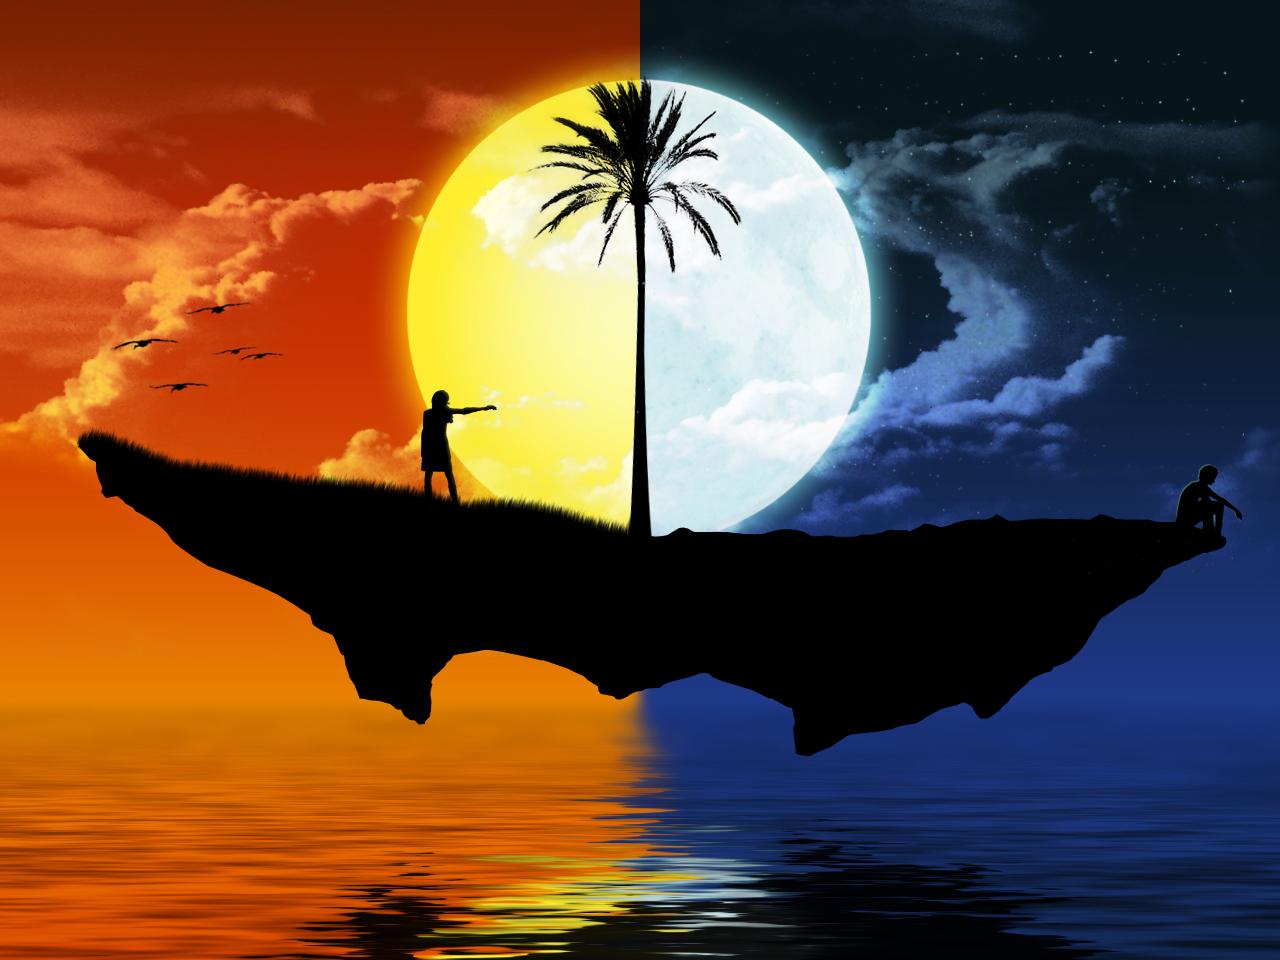 Dia Noche Islote Flotando Sol Luna Oceano